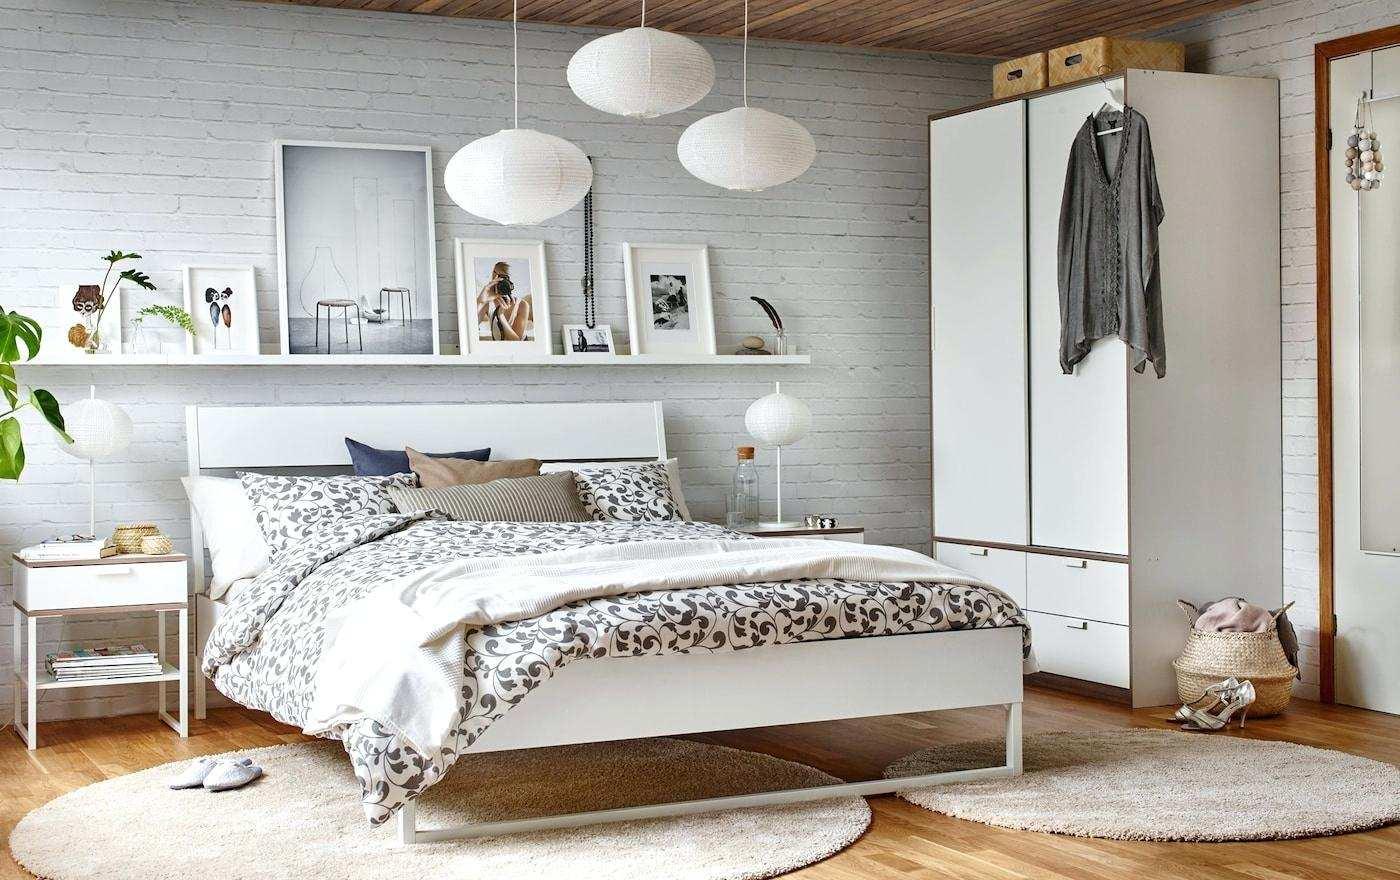 Full Size of Bett Mit Berbau Ikea Mbel Schlafzimmer Luxus Einrichten überbau Deckenleuchten Kommode Set Led Deckenleuchte Rauch Tapeten Wandbilder Landhaus Günstig Wohnzimmer Schlafzimmer überbau